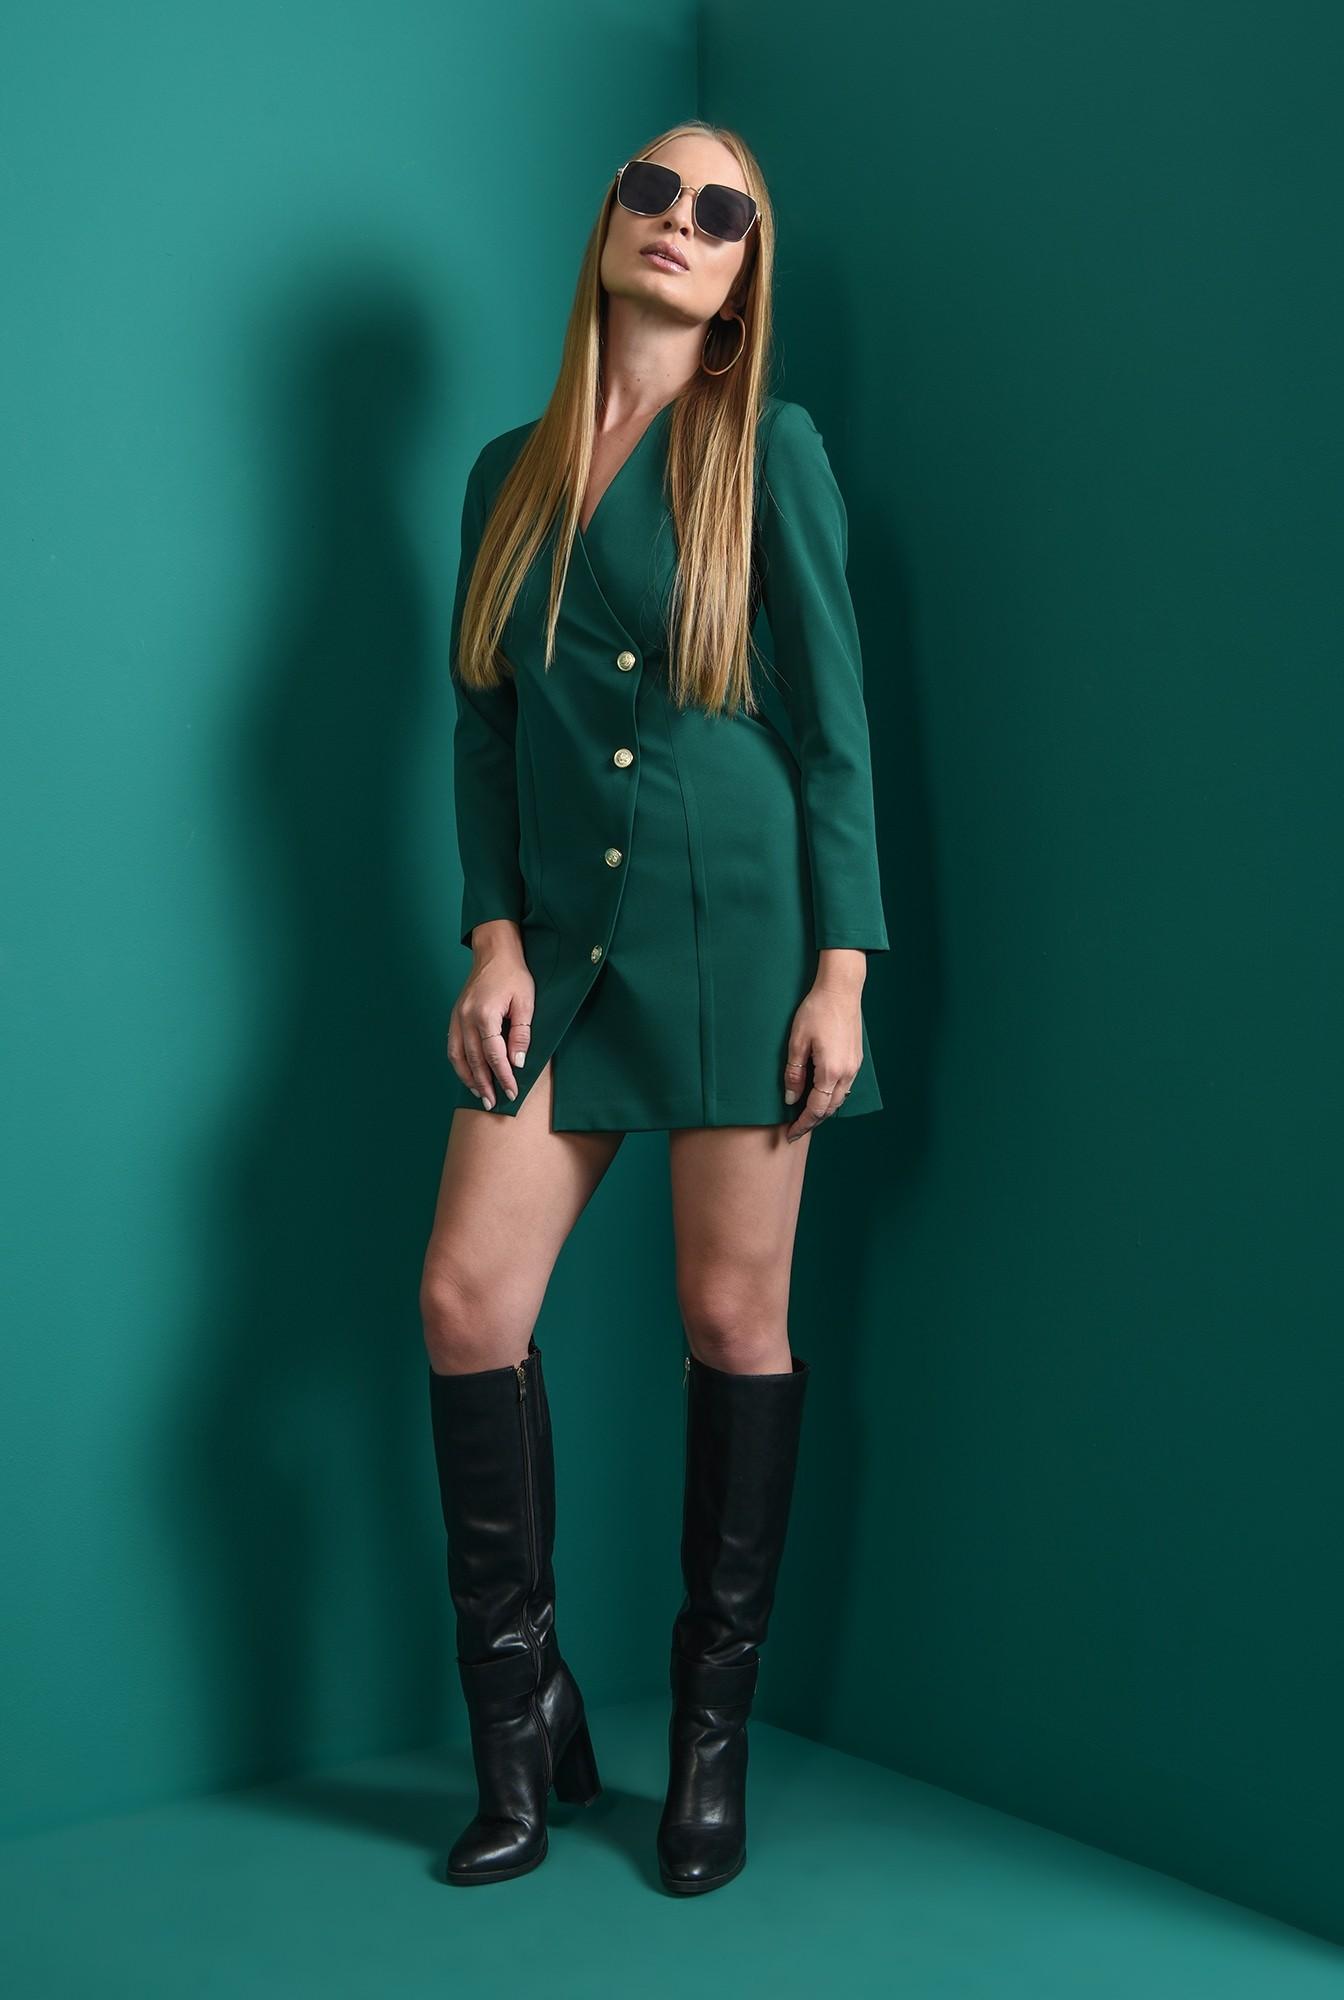 0 - rochie mini, verde, dreapta, cu nasturi